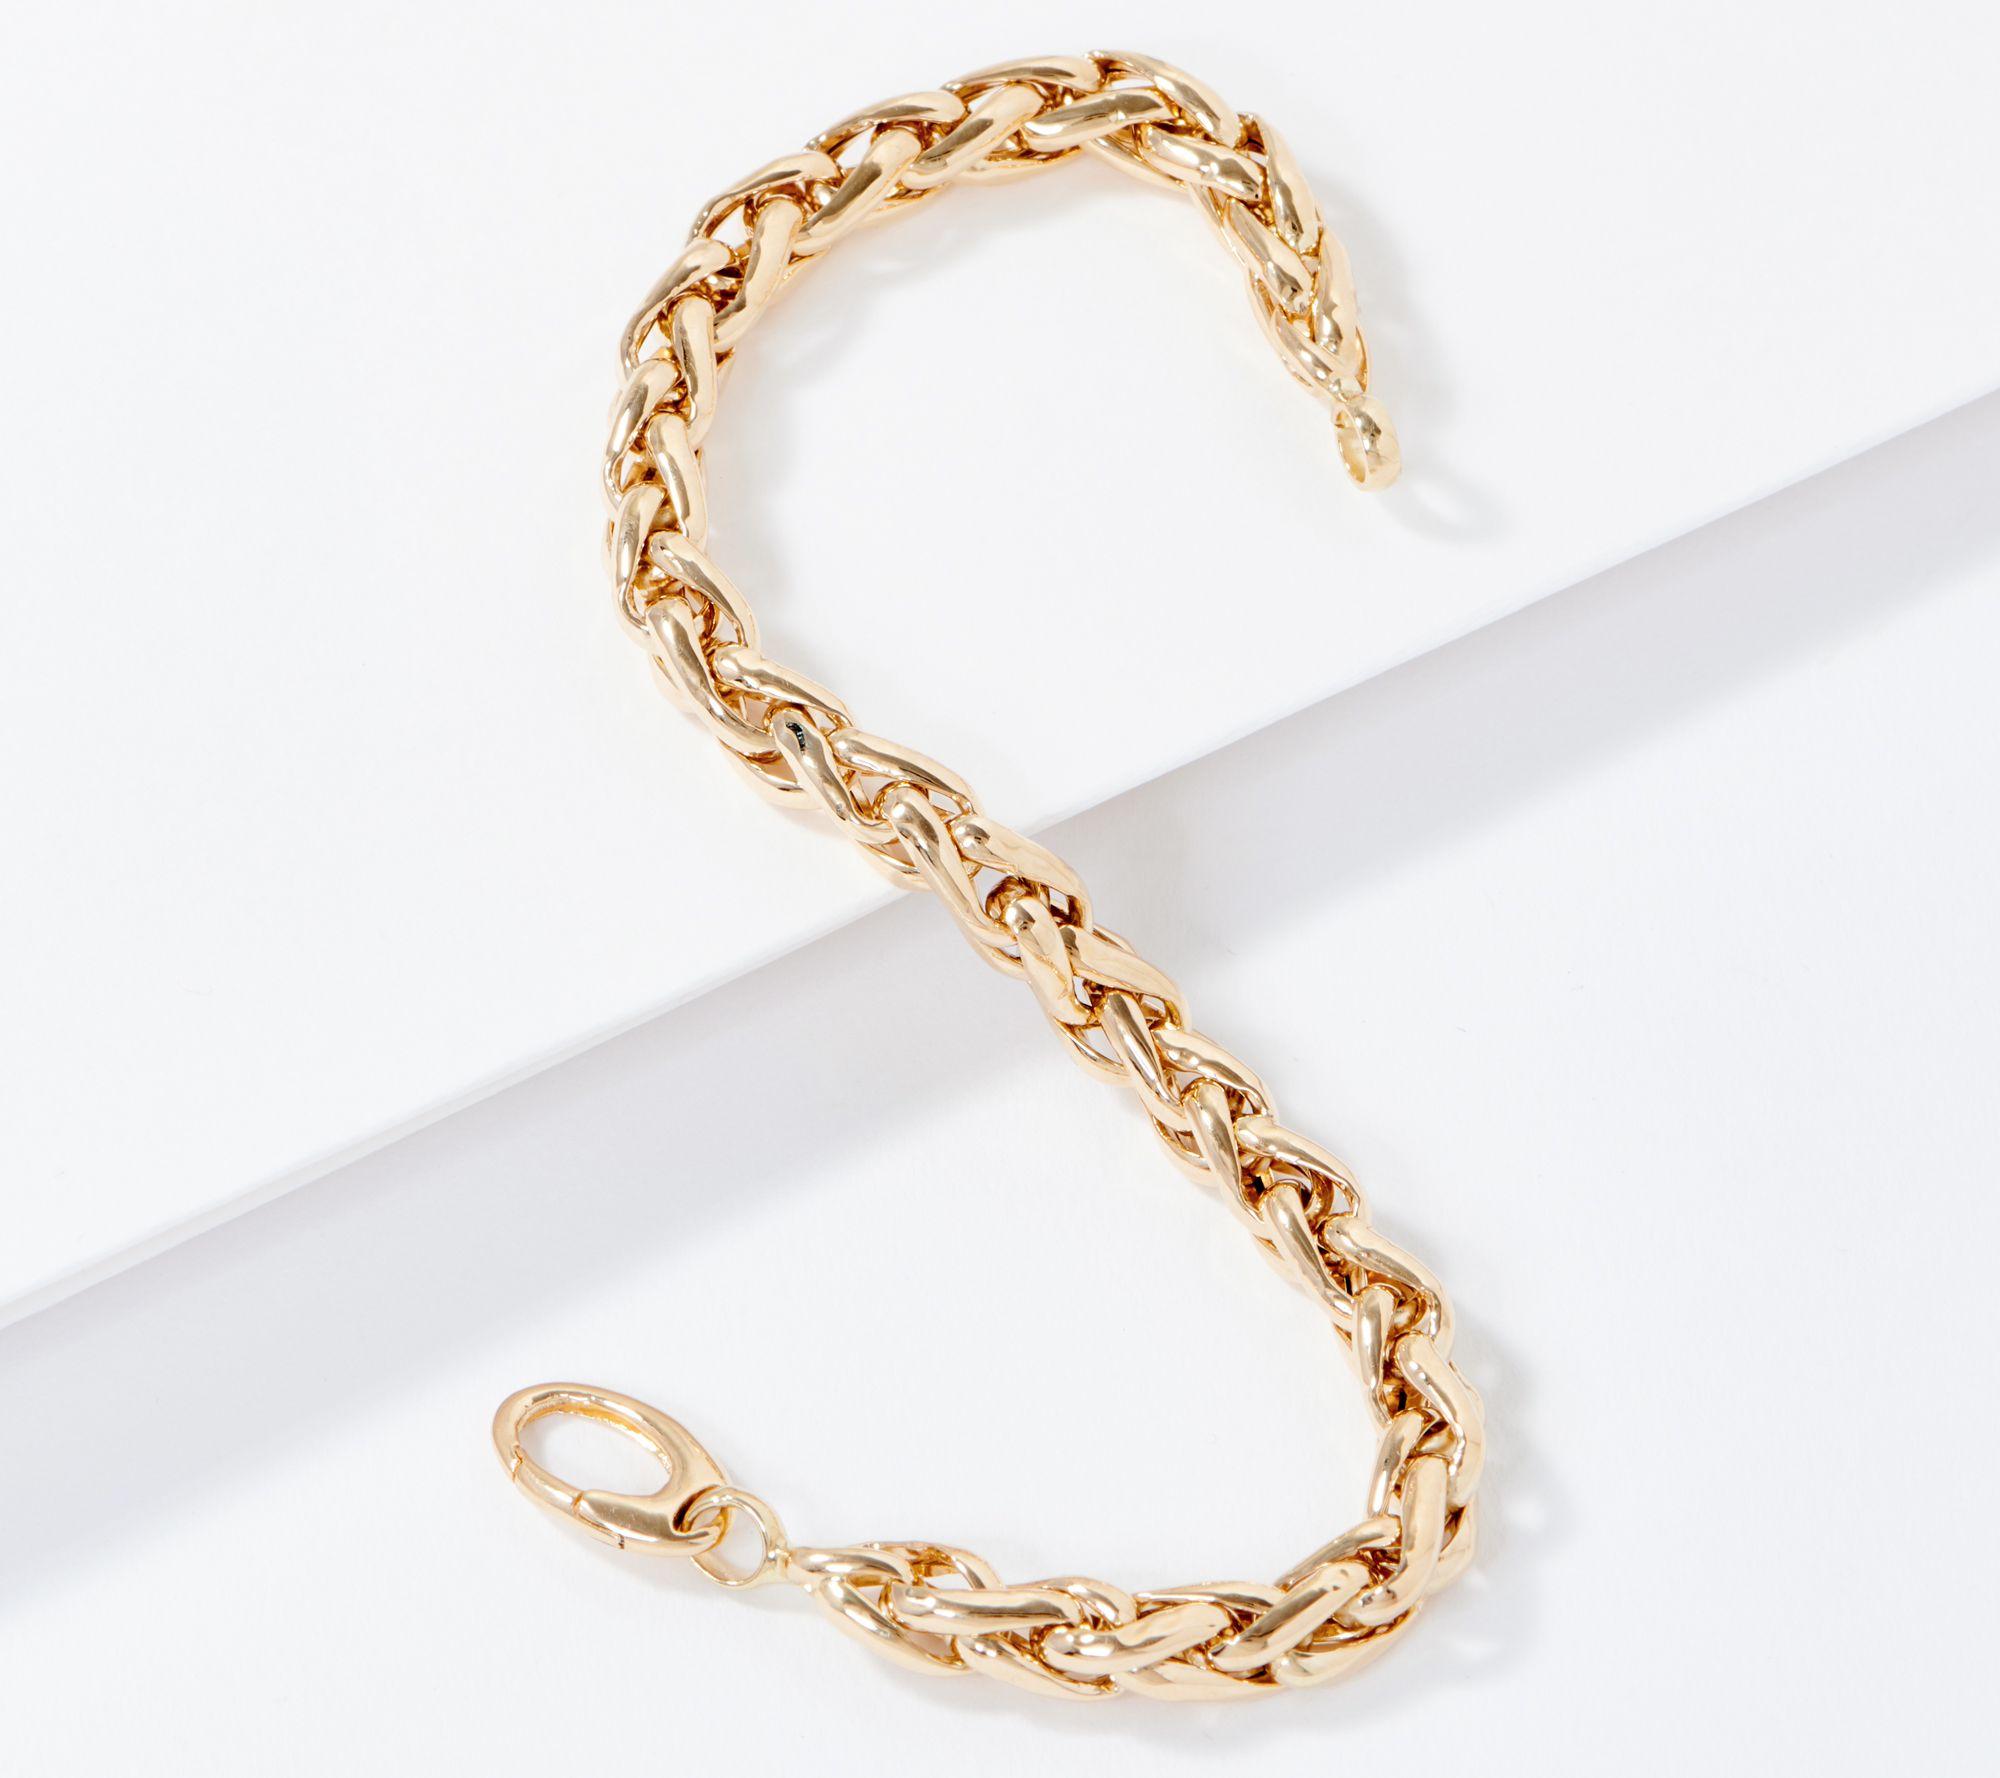 Eternagold Bold Polished Wheat Design Bracelet 14k Gold Qvc